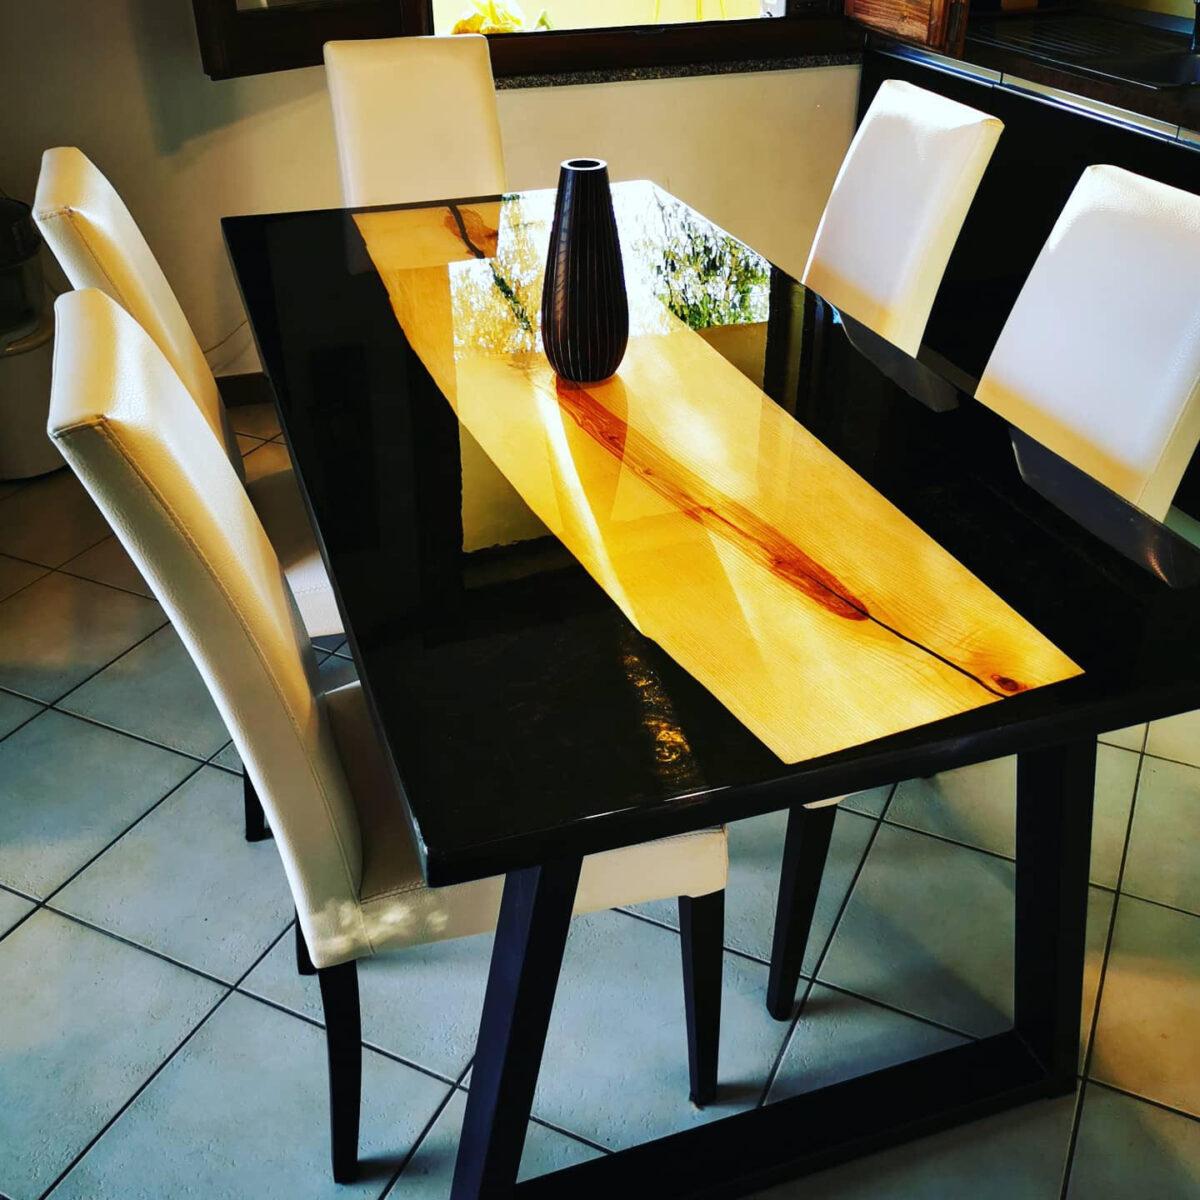 Kit EPOXYTABLE 5-FIVE BEGINNER per tavoli in legno e resina Atossica